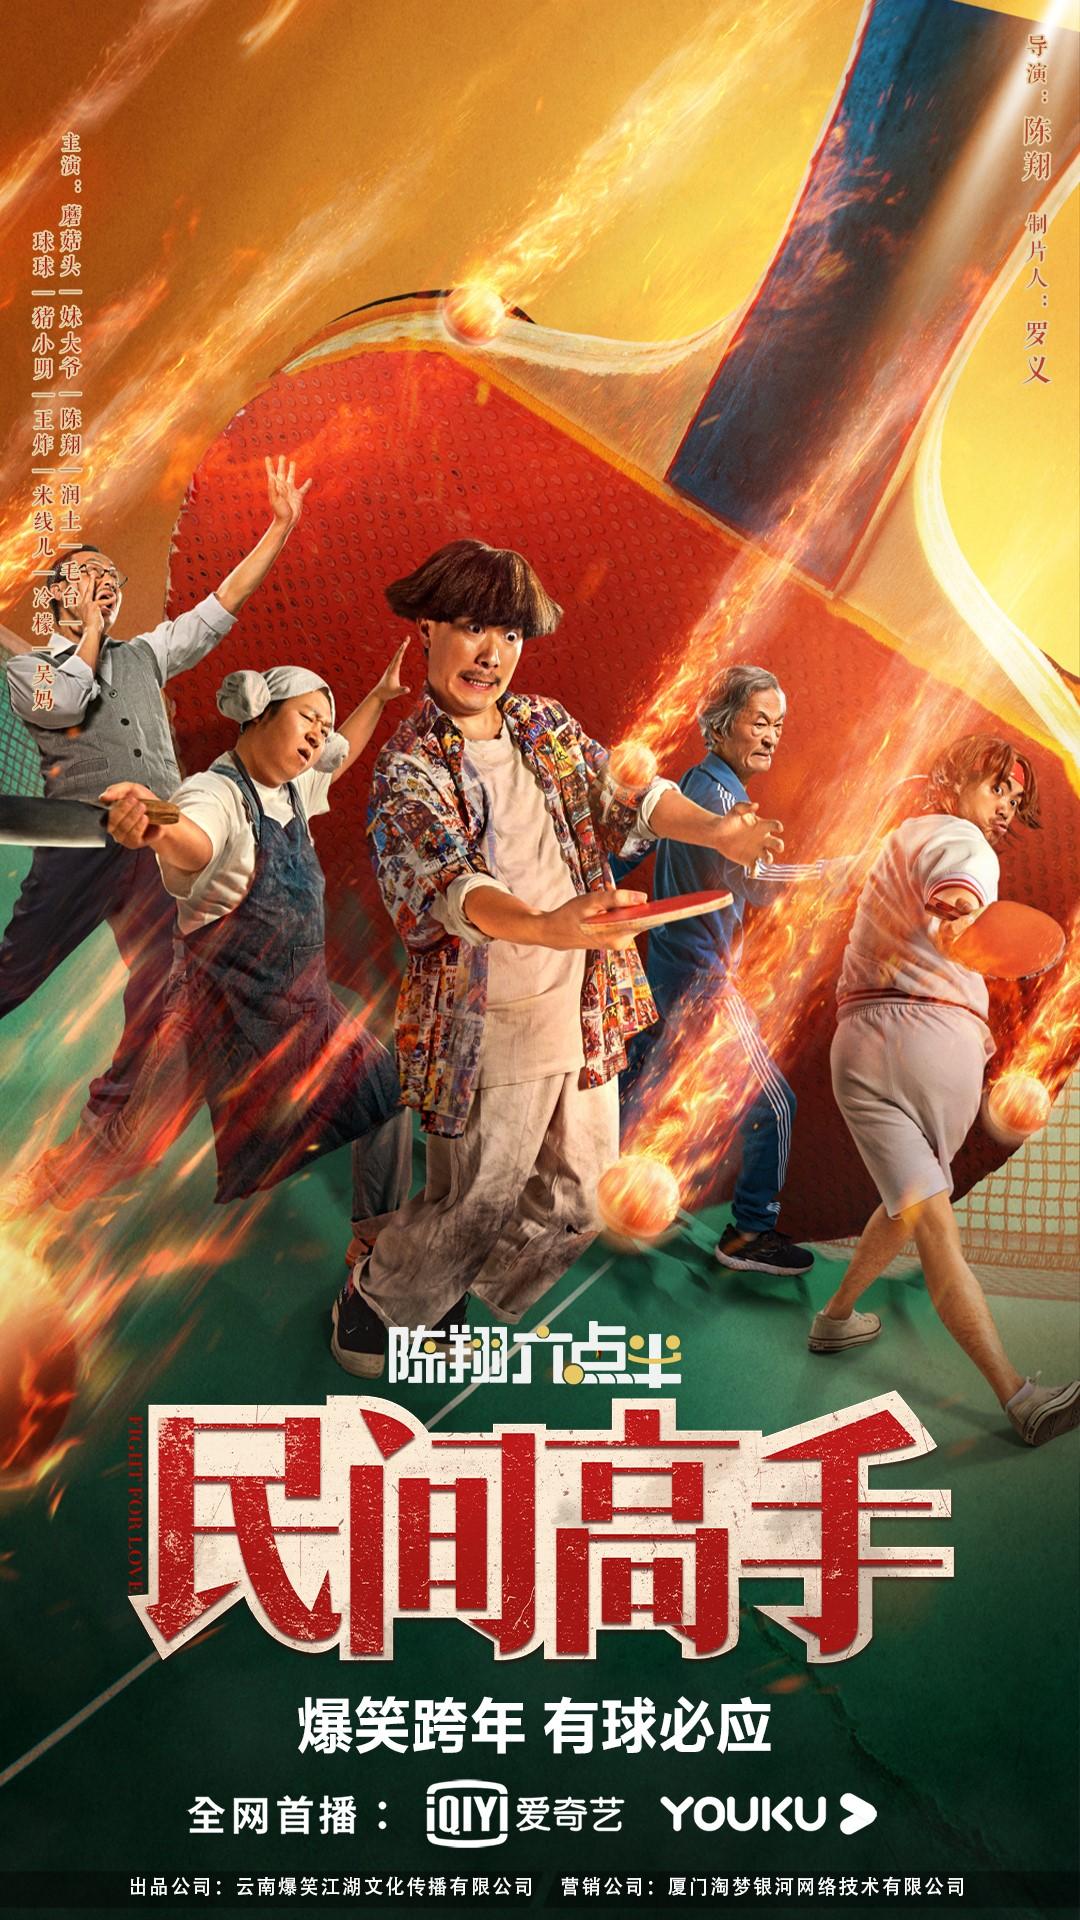 《陈翔六点半之民间高手》海报.jpg